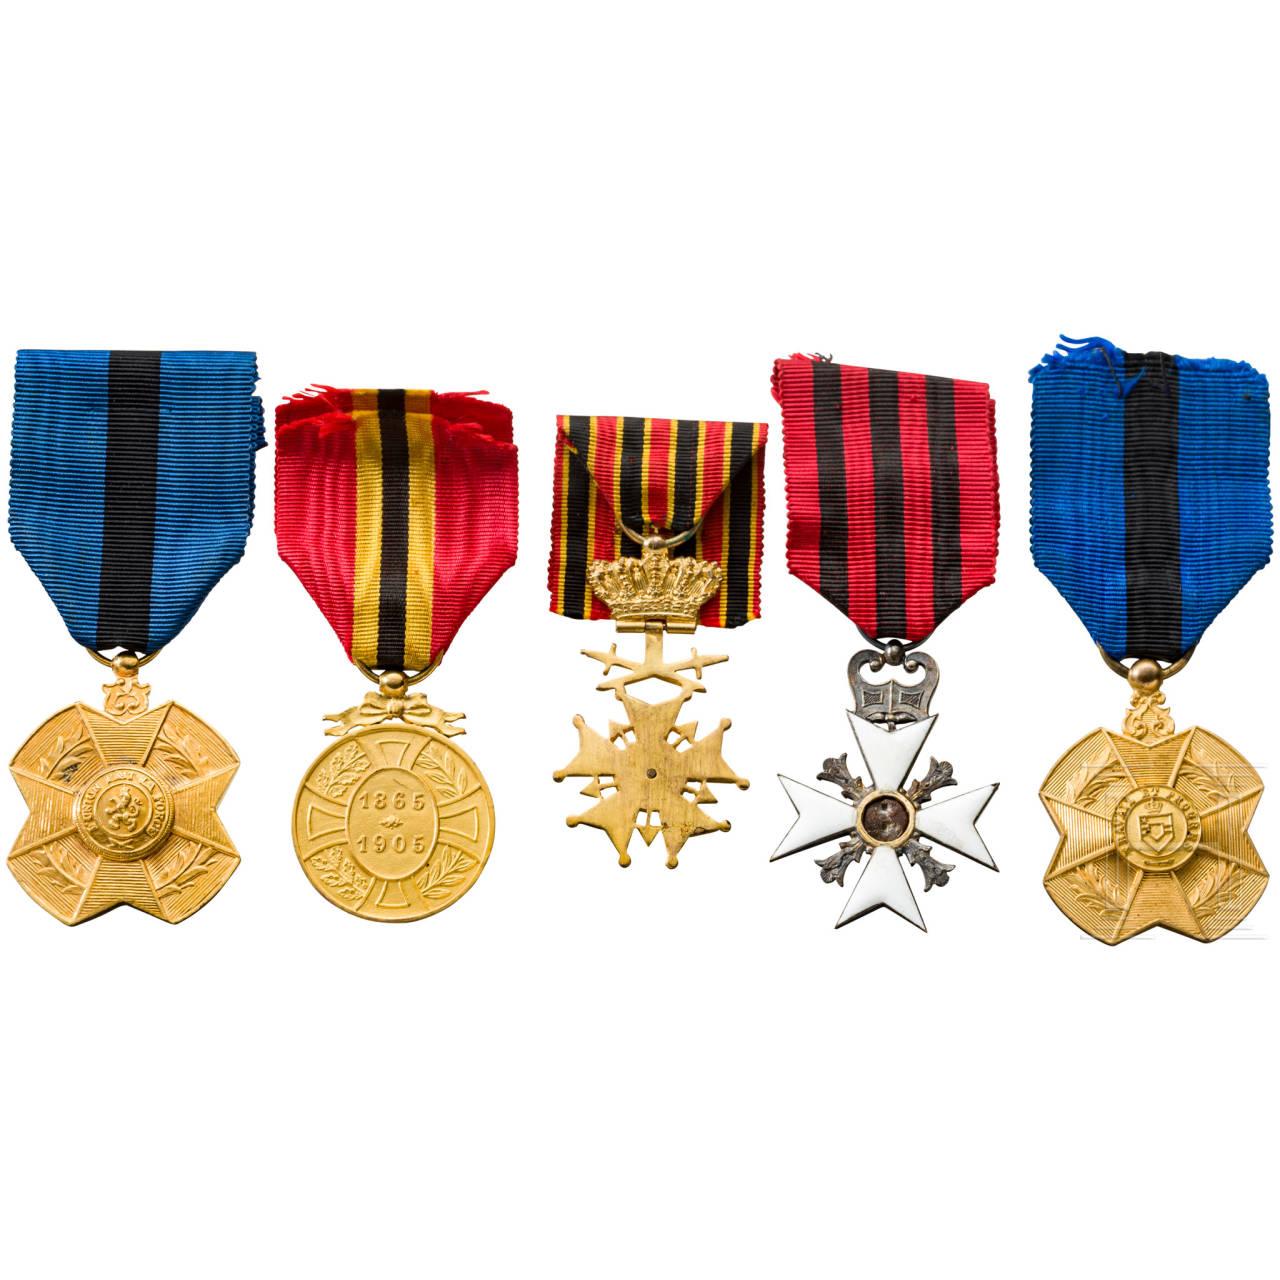 Five awards, Belgium, 20th century